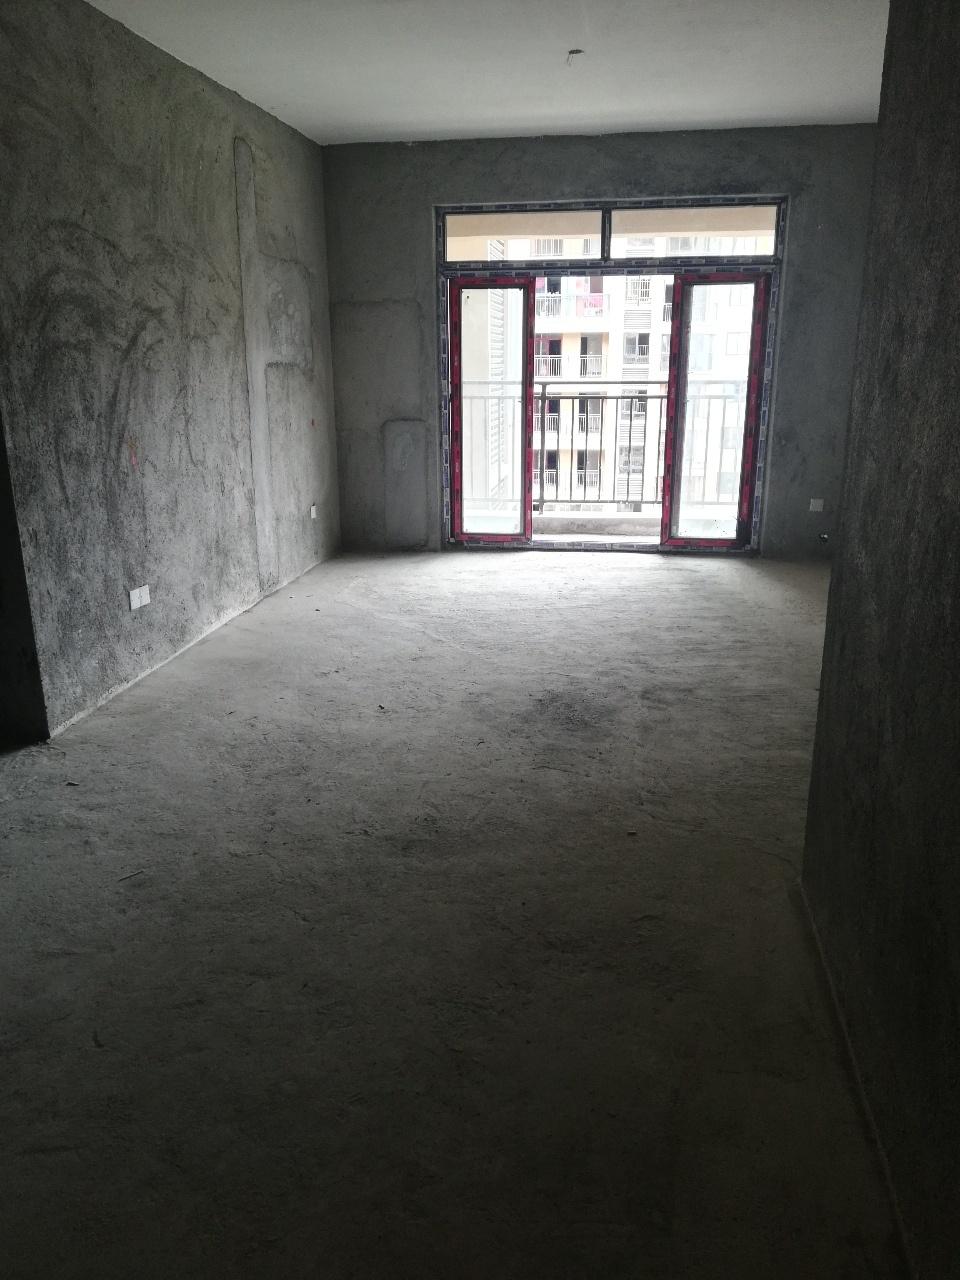 国维·中央府邸3室2厅2卫72.8万元